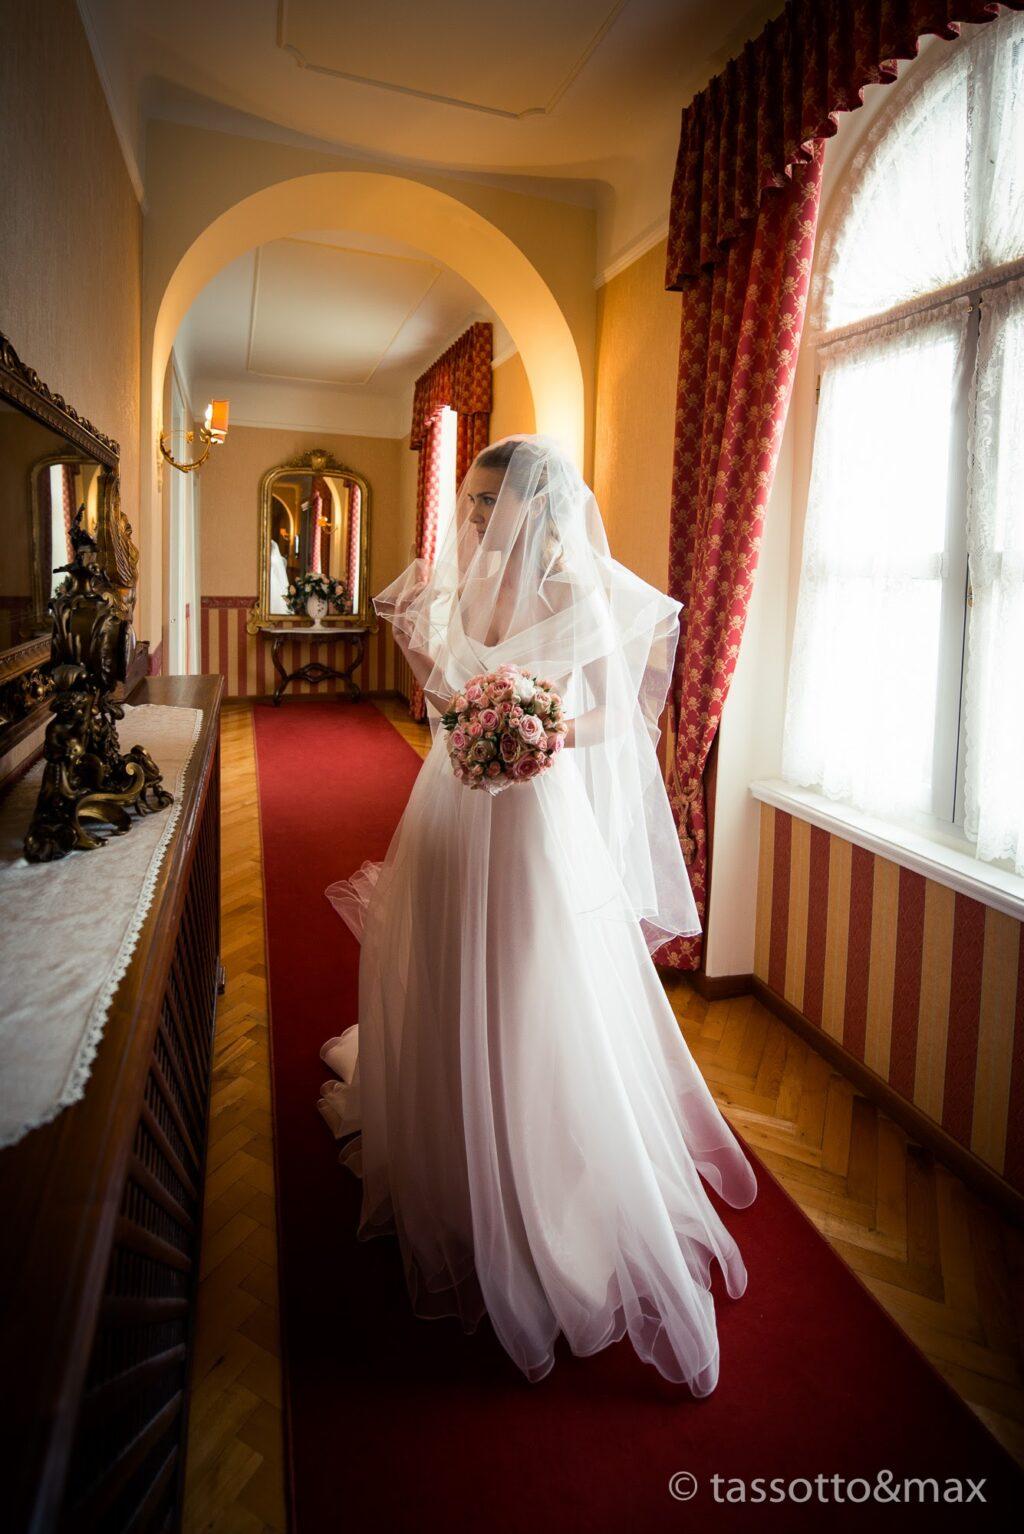 Eine Braut mit Schleier, die in den Spiegel in einem Korridor eines alten Schlosses schaut